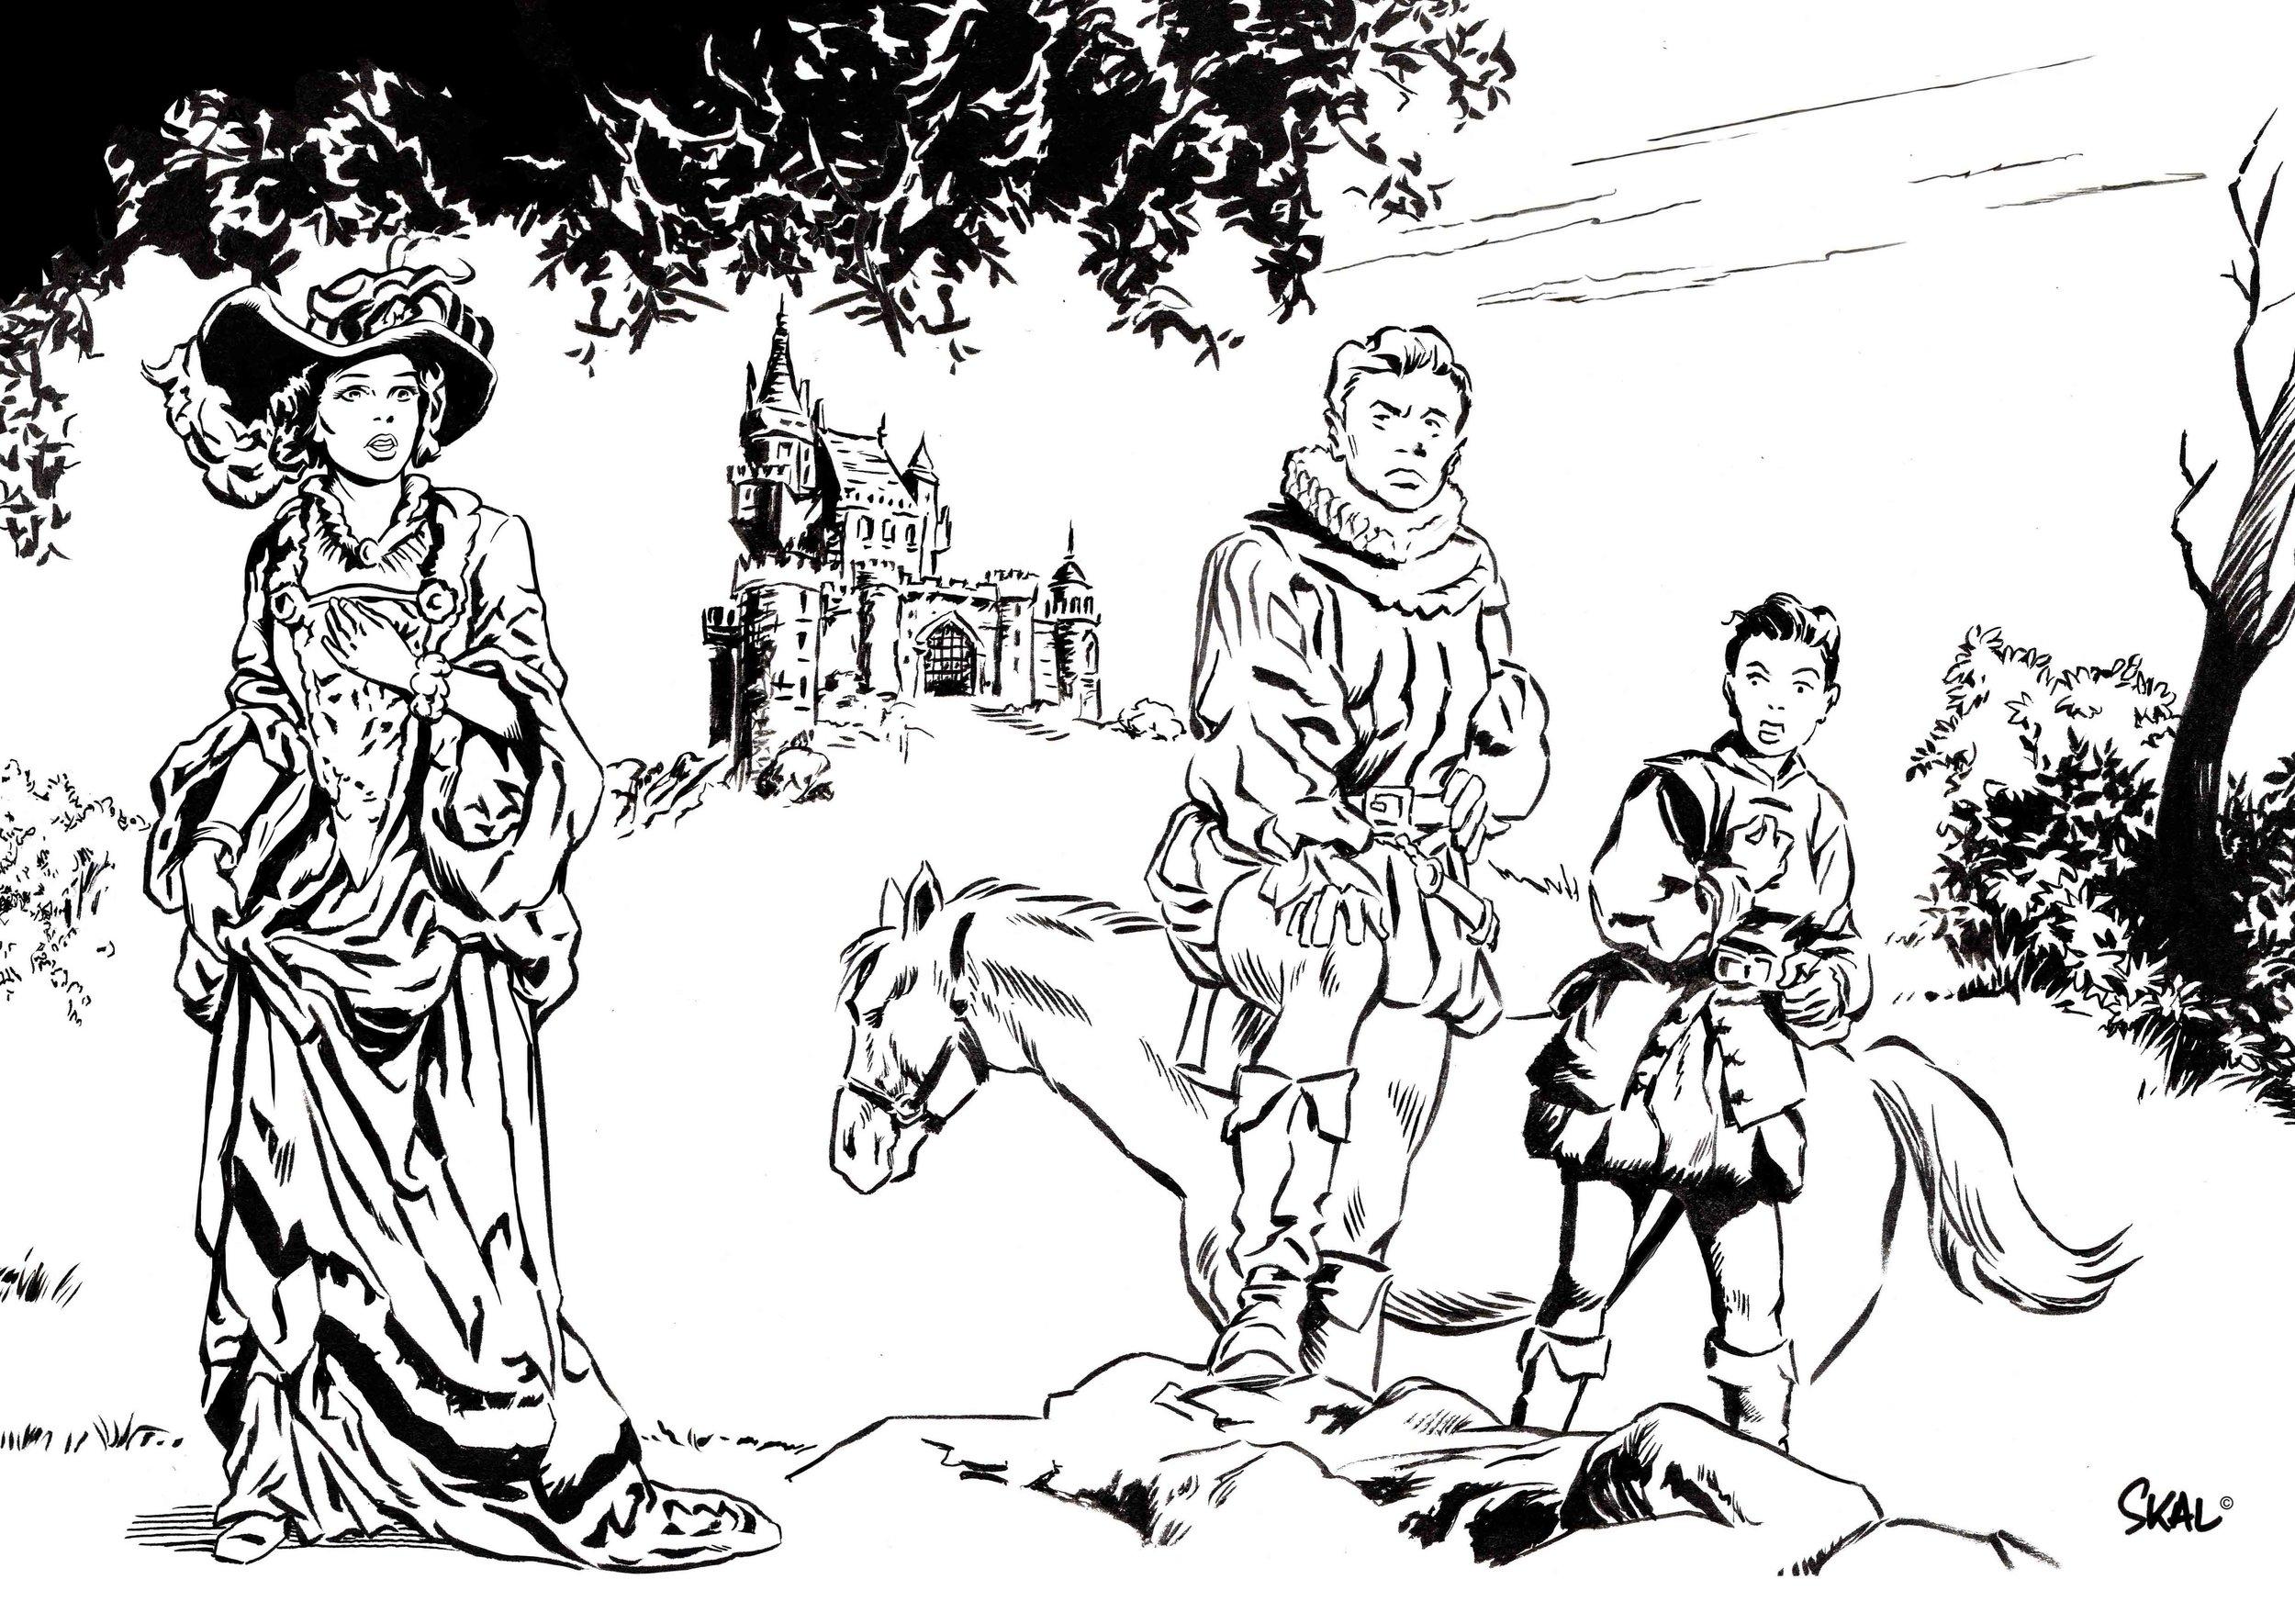 Décors, personnages et costumes du XVème siècle dans une ambiance rétro.